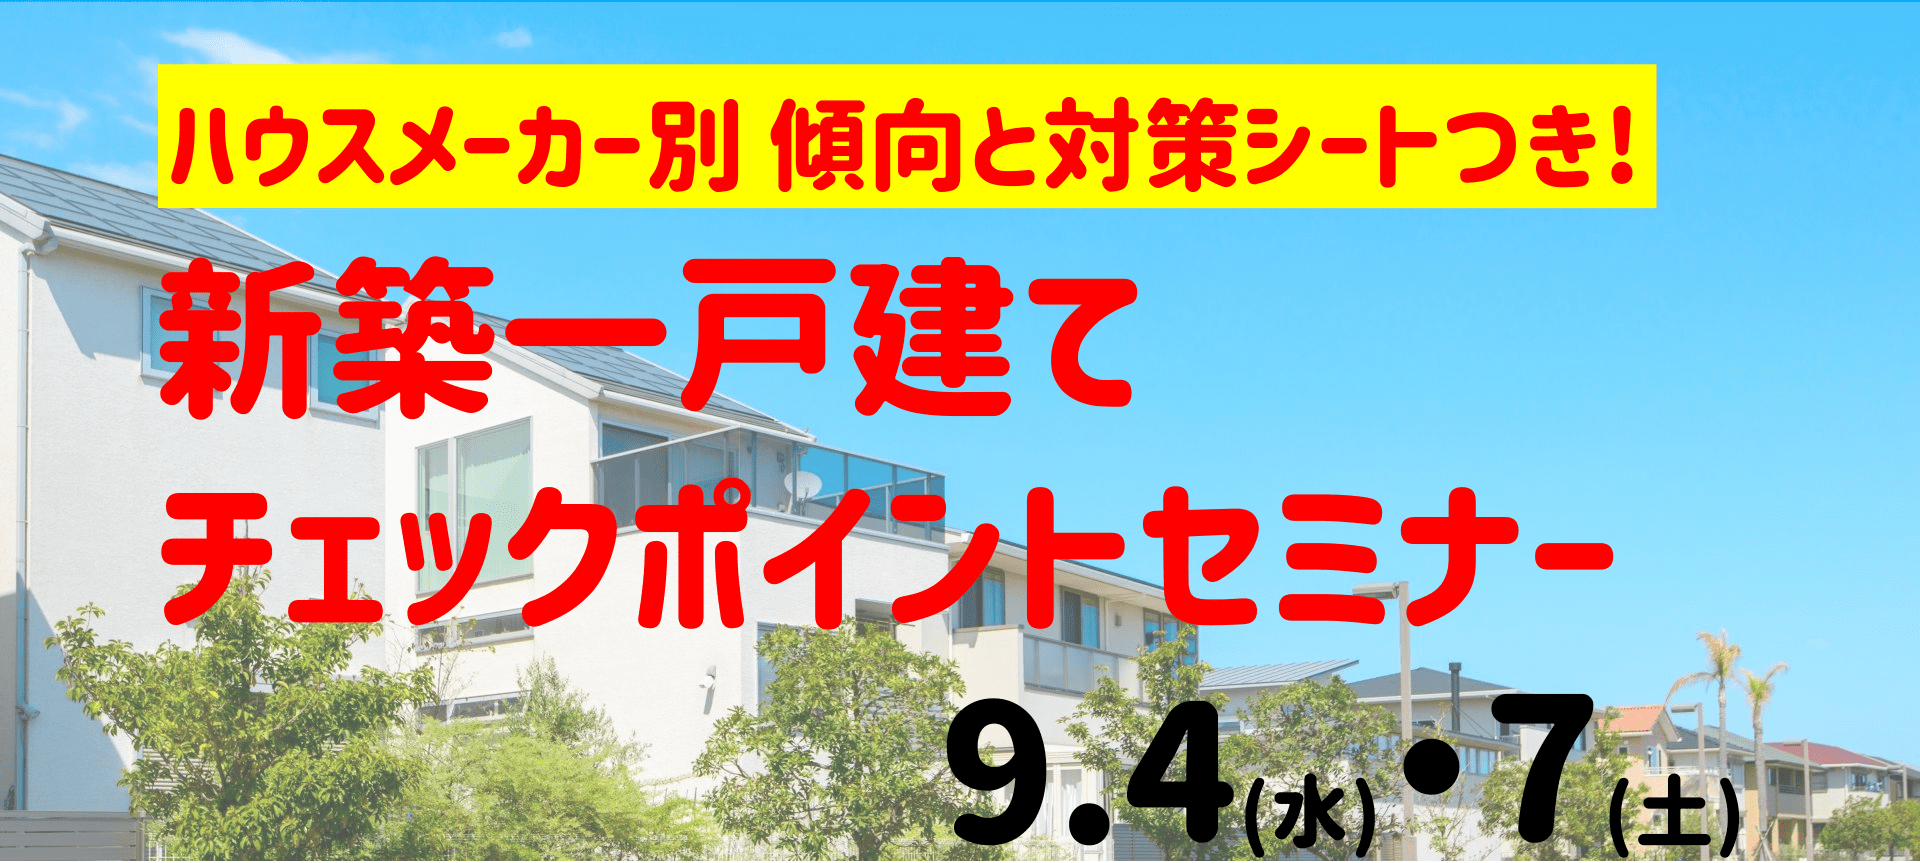 9/4(水)、9/7(土)開催ハウスメーカー別 傾向と対策つき!新築一戸建てのチェックポイントセミナー